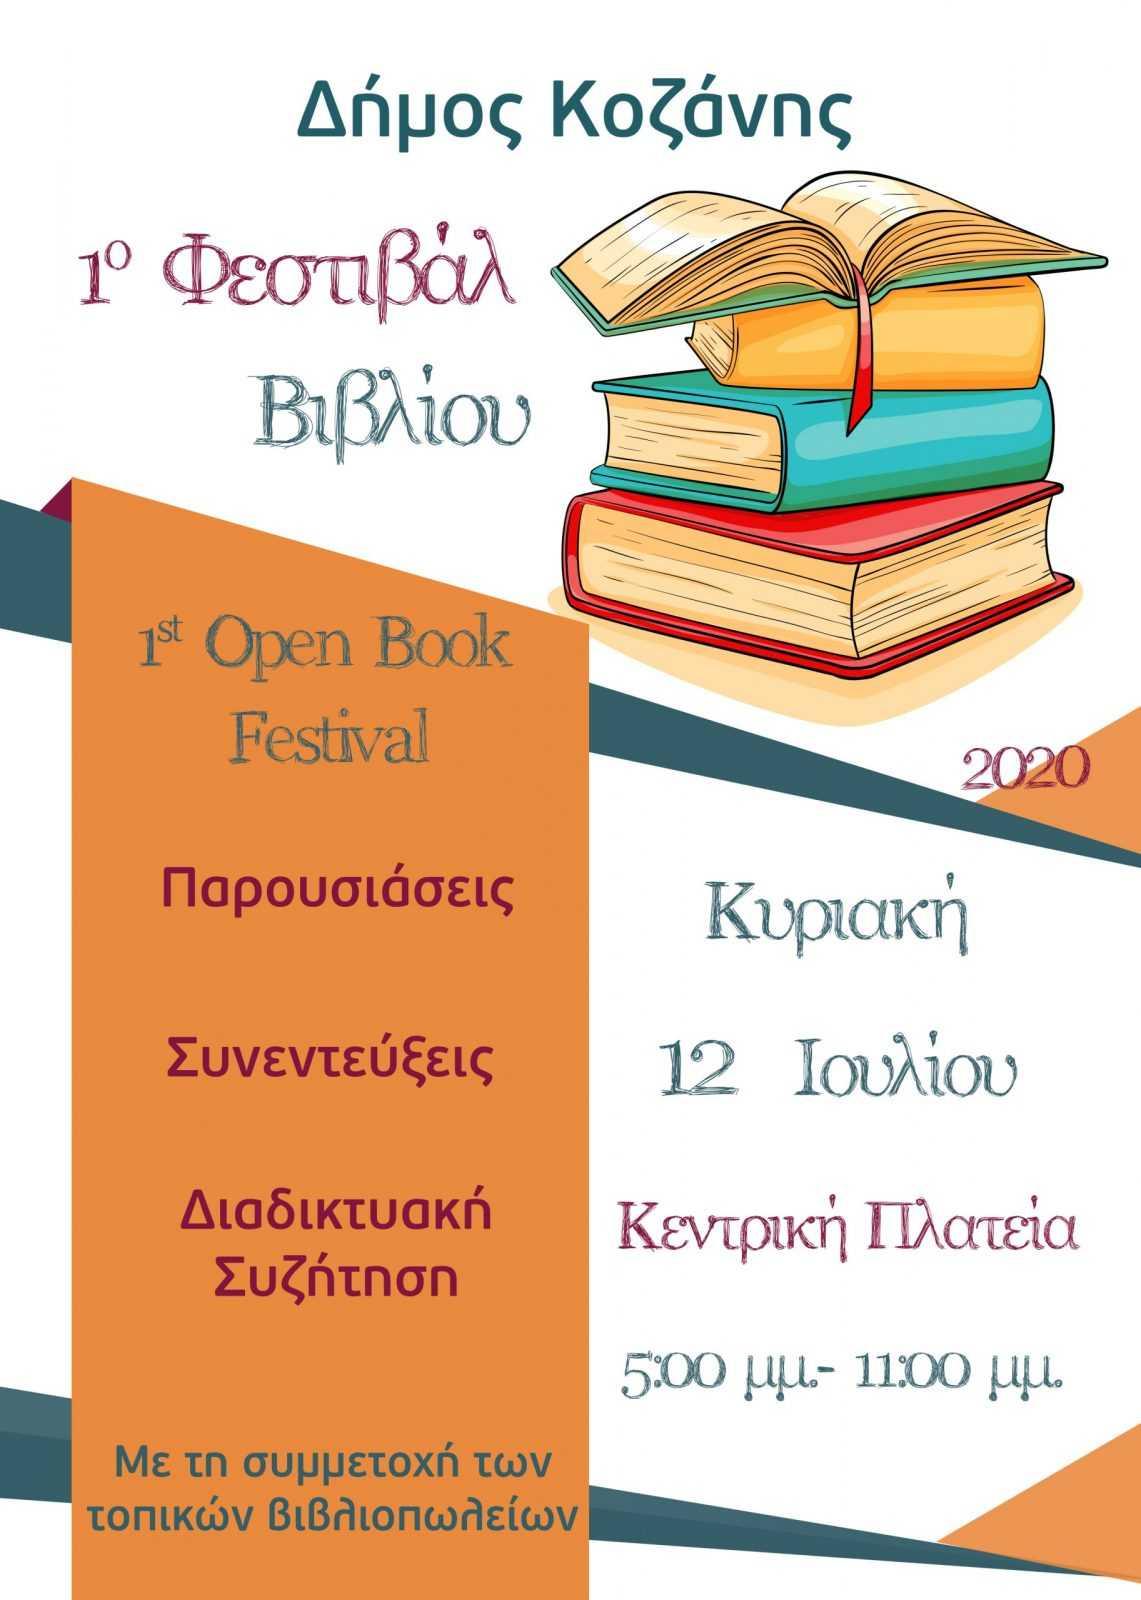 Έρχεται το 1ο Φεστιβάλ Βιβλίου - Κυριακή 12 Ιουλίου στην κεντρική πλατεία